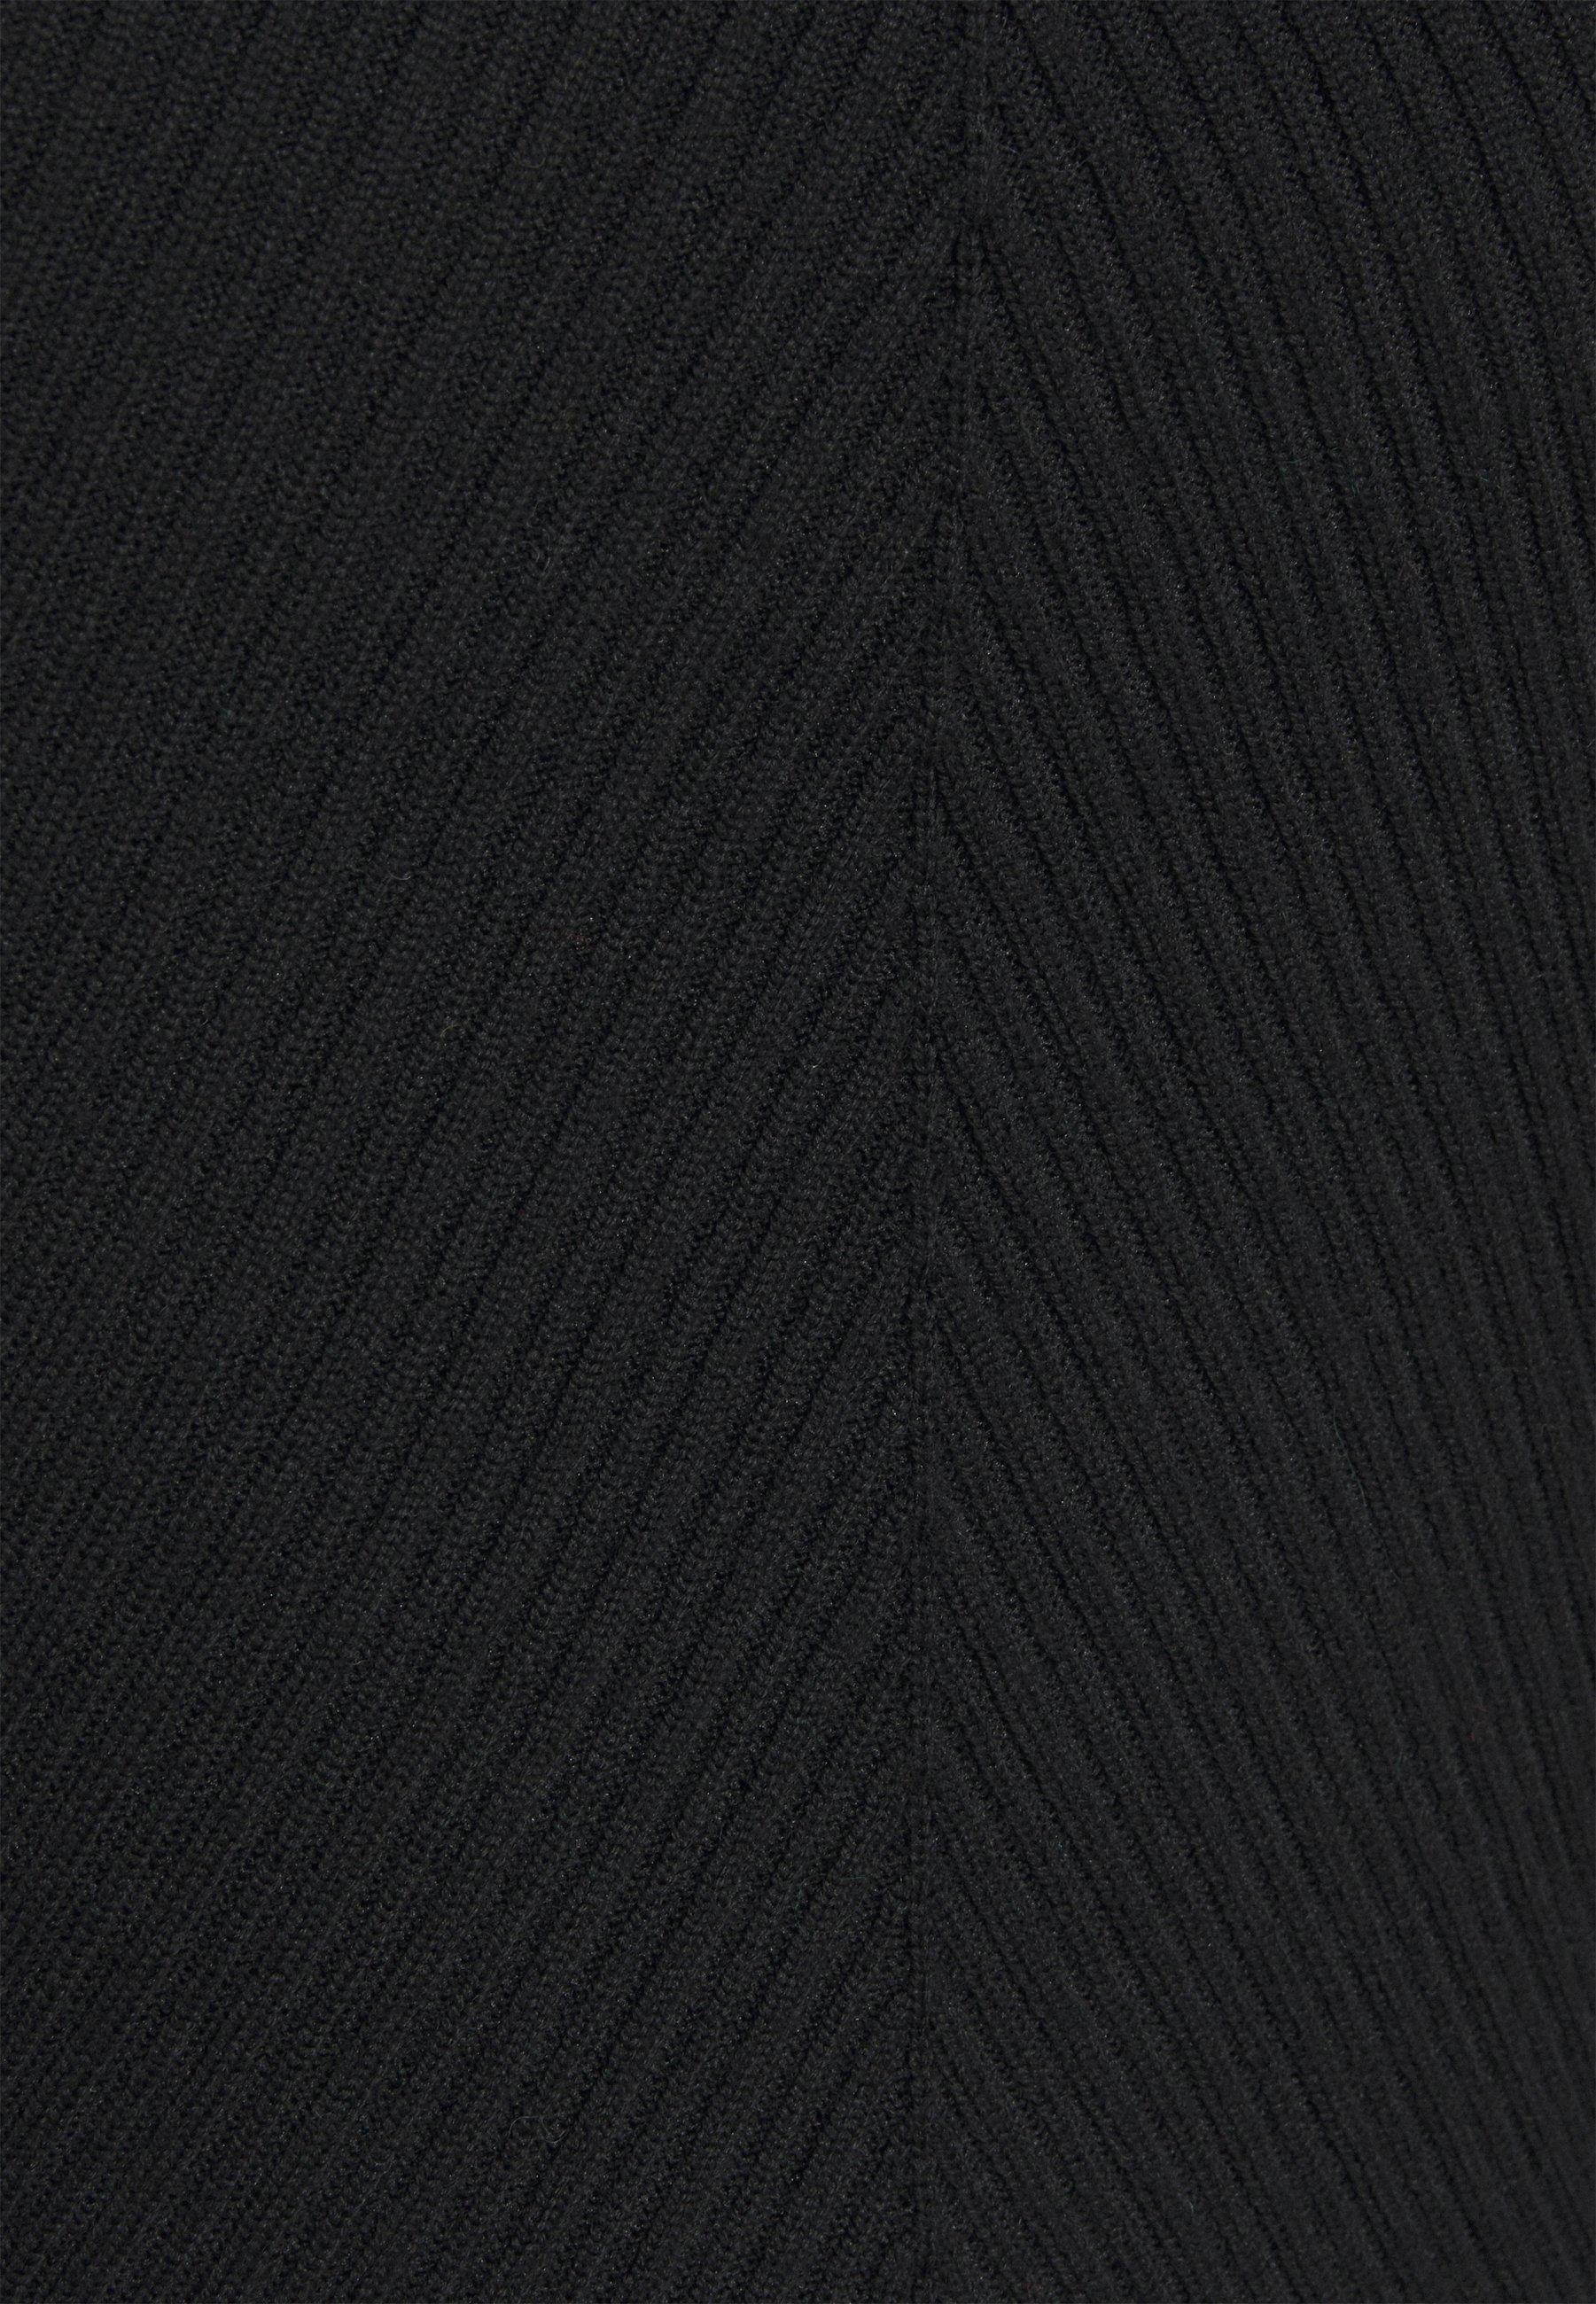 3.1 Phillip Lim Open Neck Sweater - Strikkegenser Black/svart